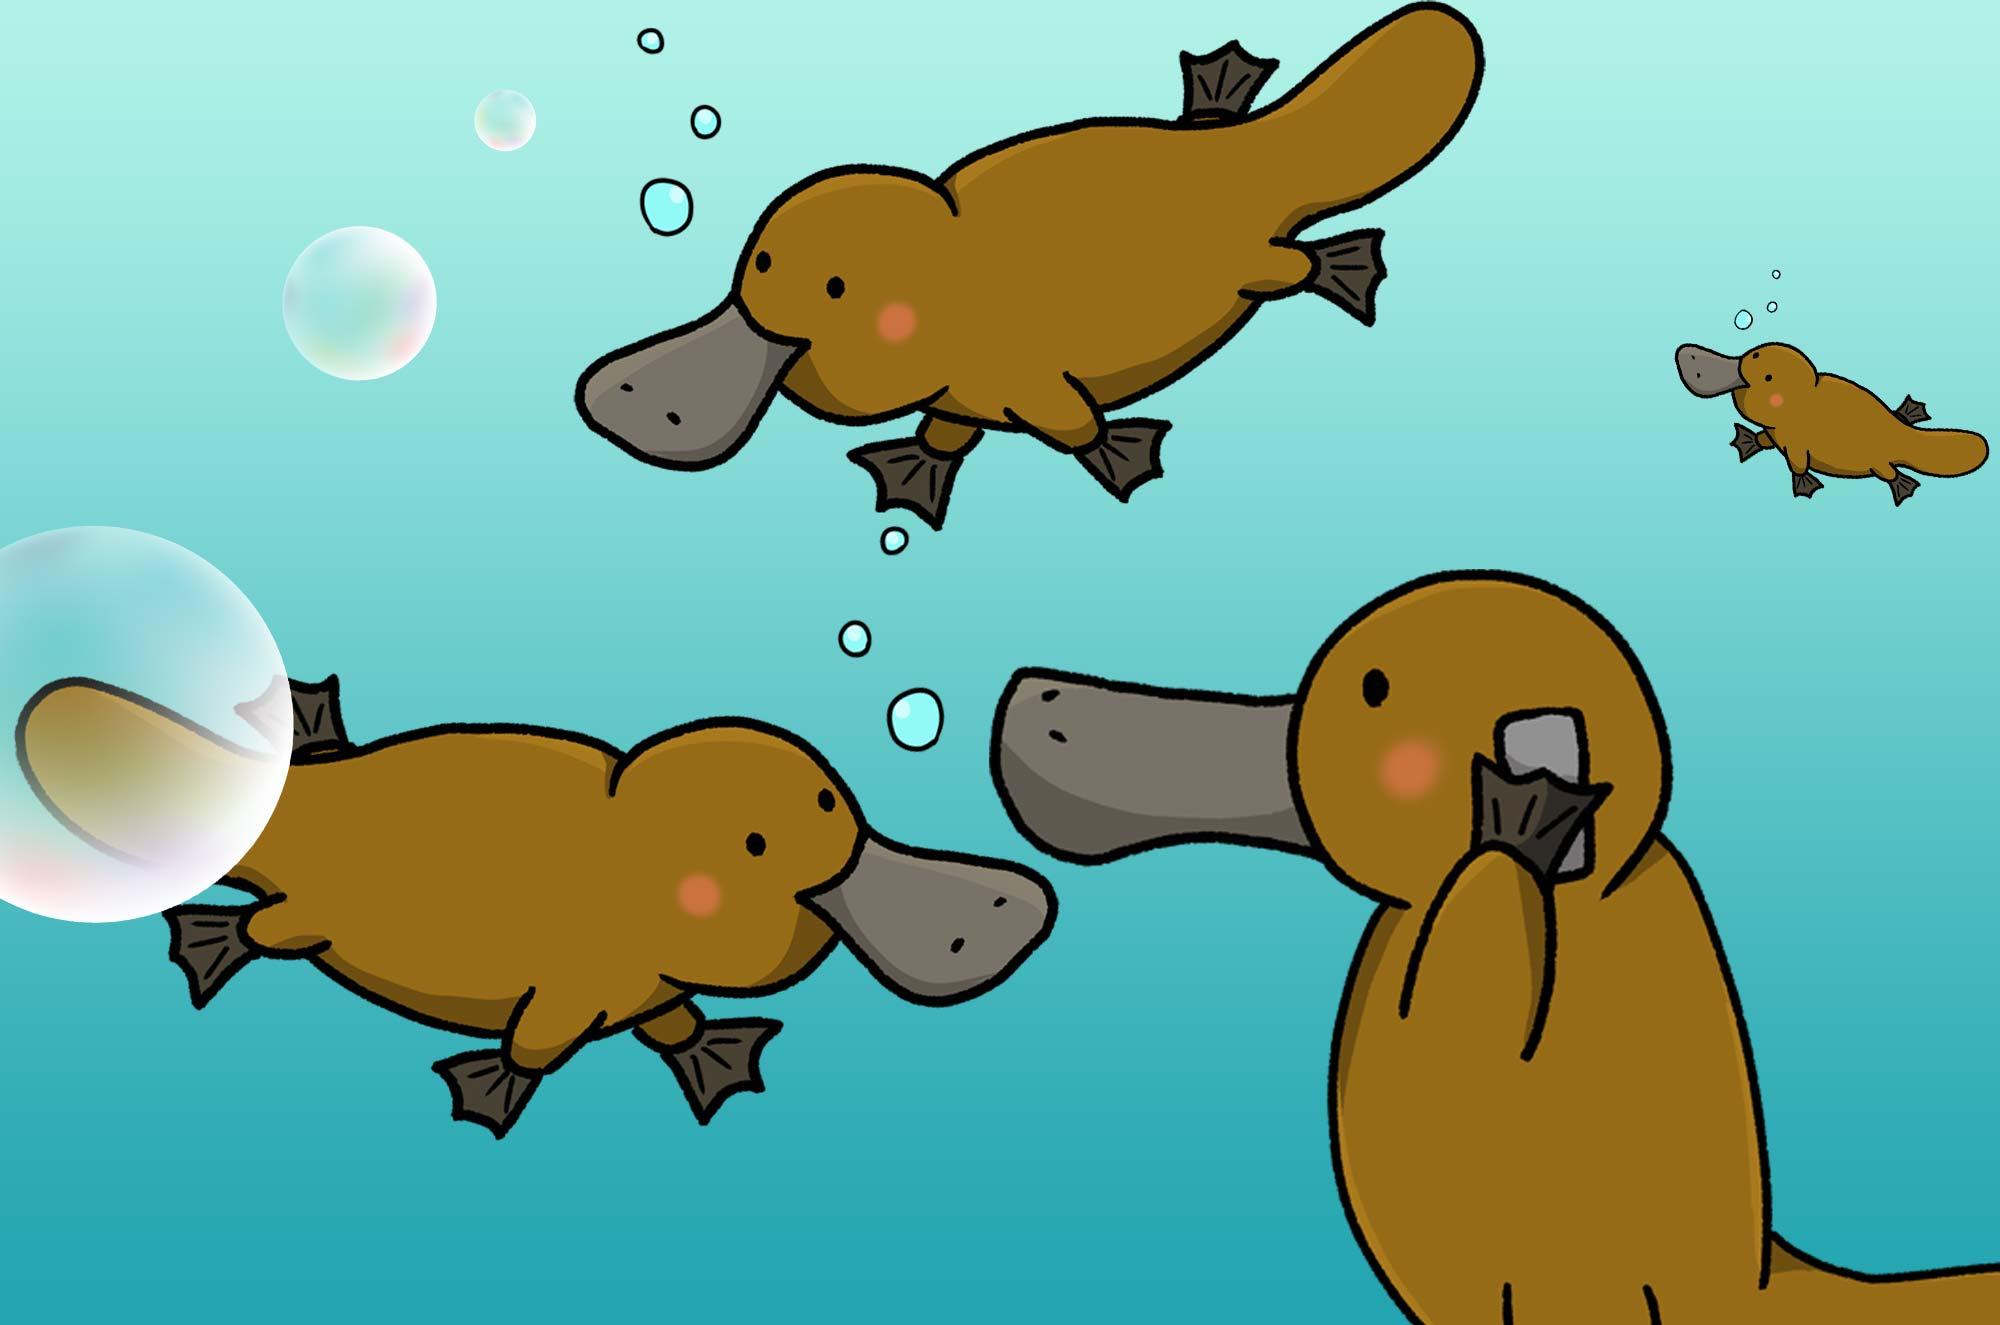 カモノハシのイラスト - 優雅に泳ぐ面白い水生動物素材